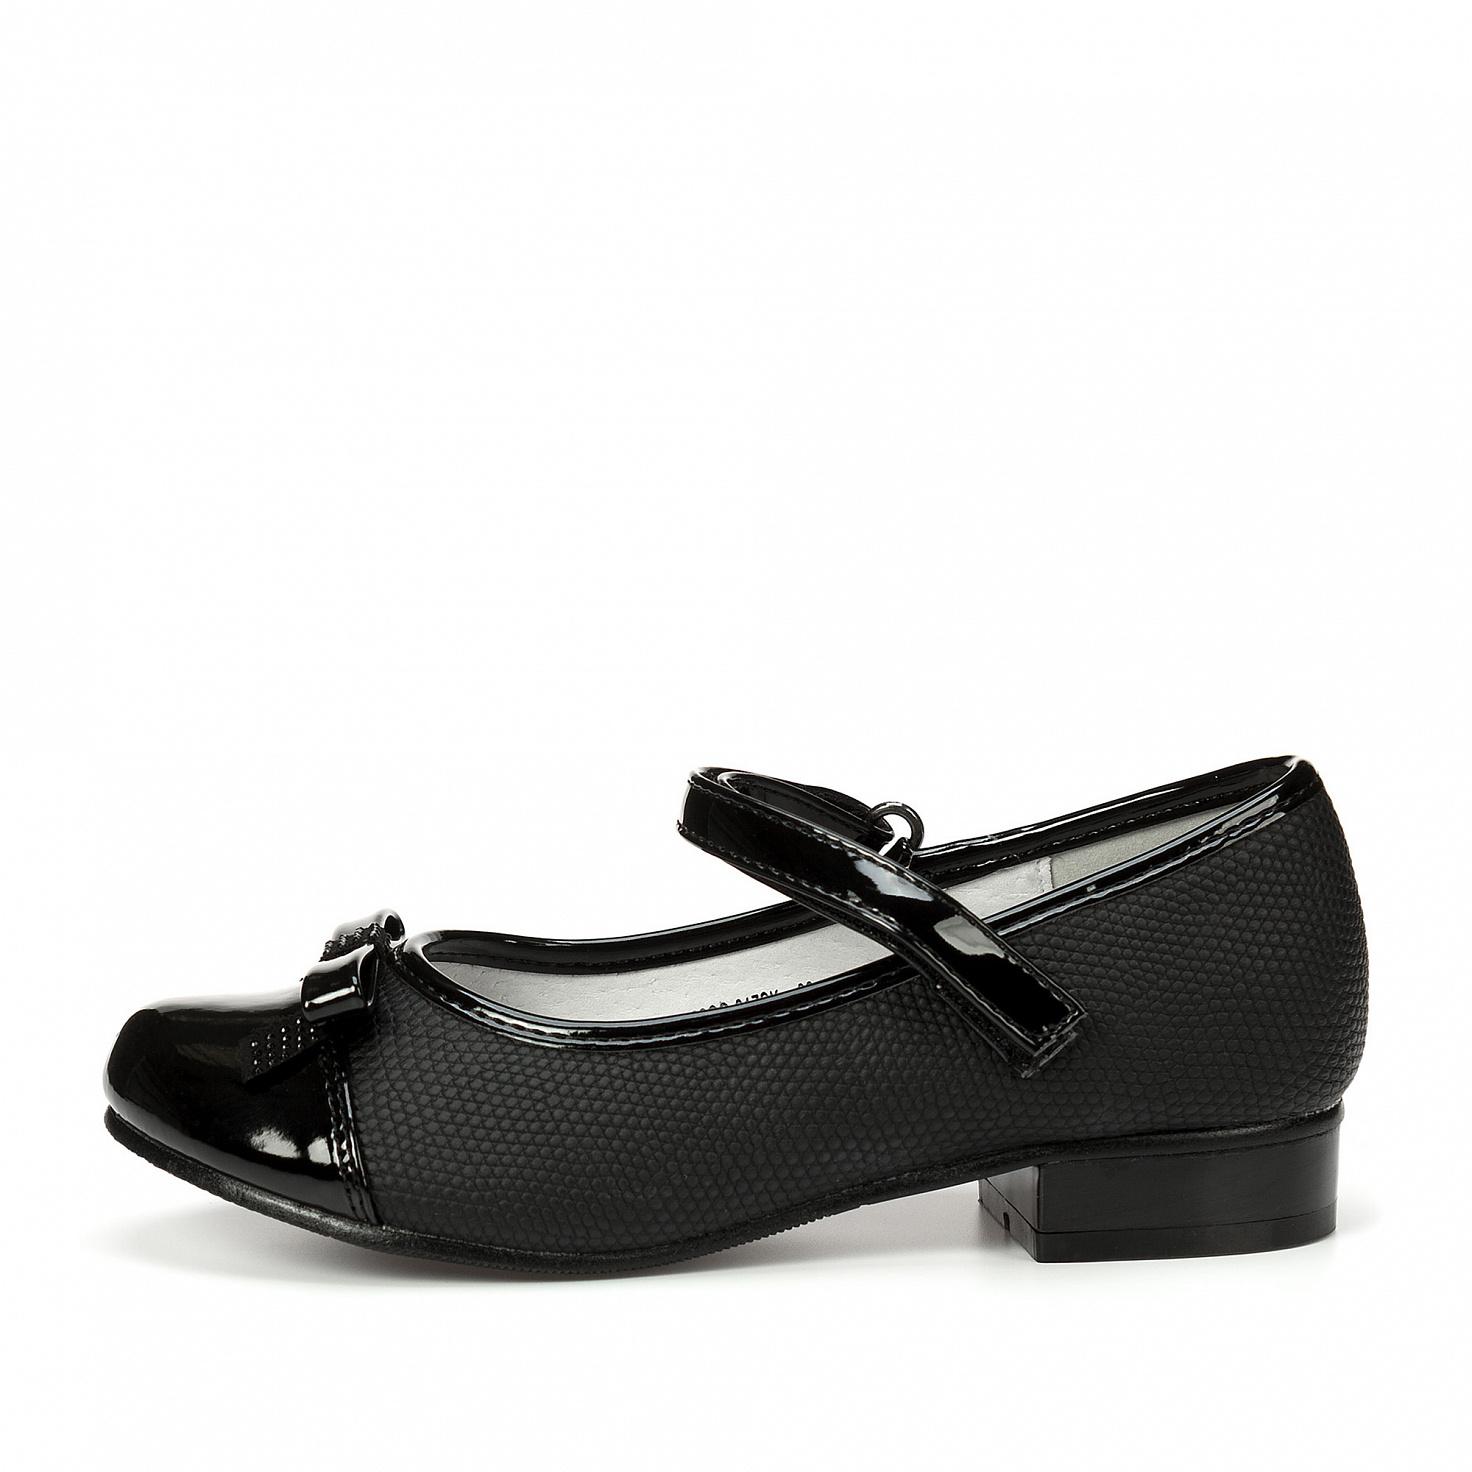 215-02GO-017SK, Туфли для девочек ZENDEN, цв. черный, р-р 32,  - купить со скидкой